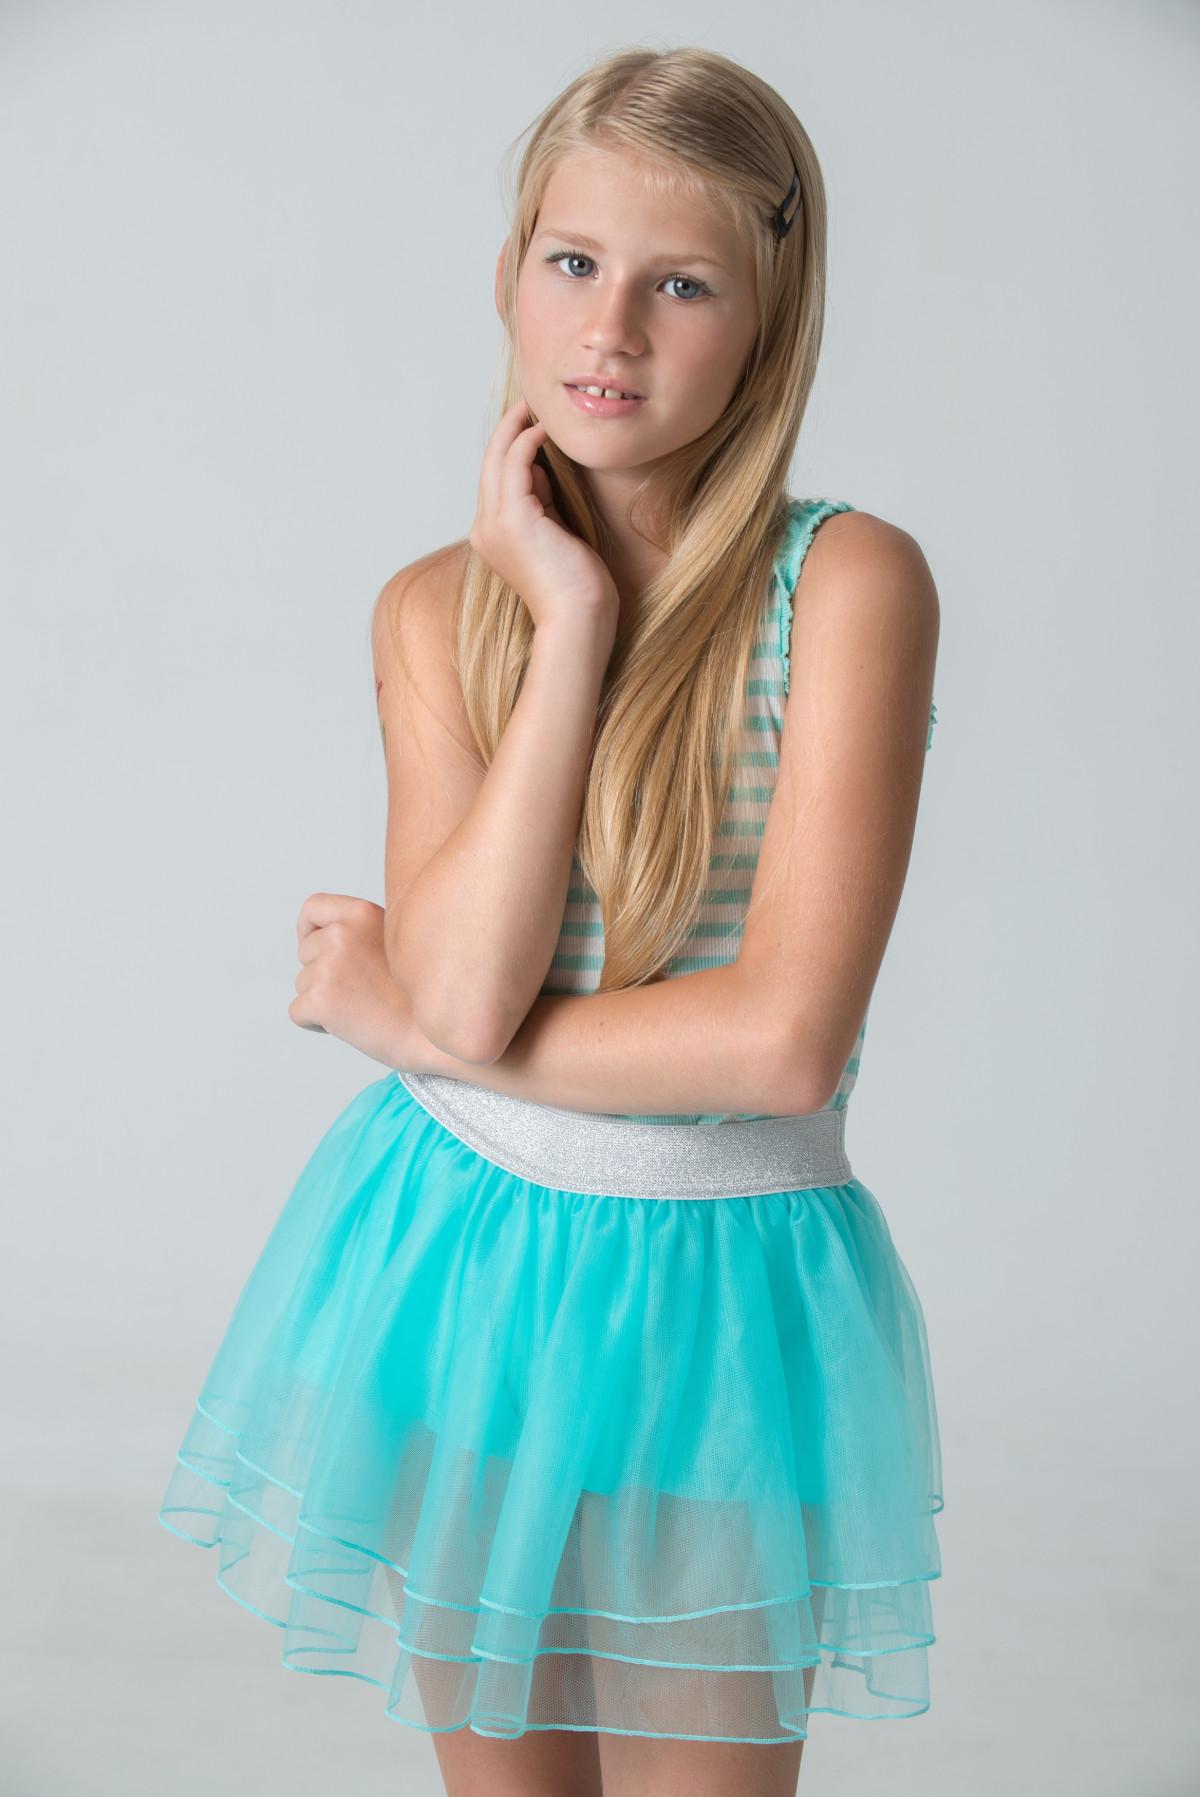 Фото подростки модели дети